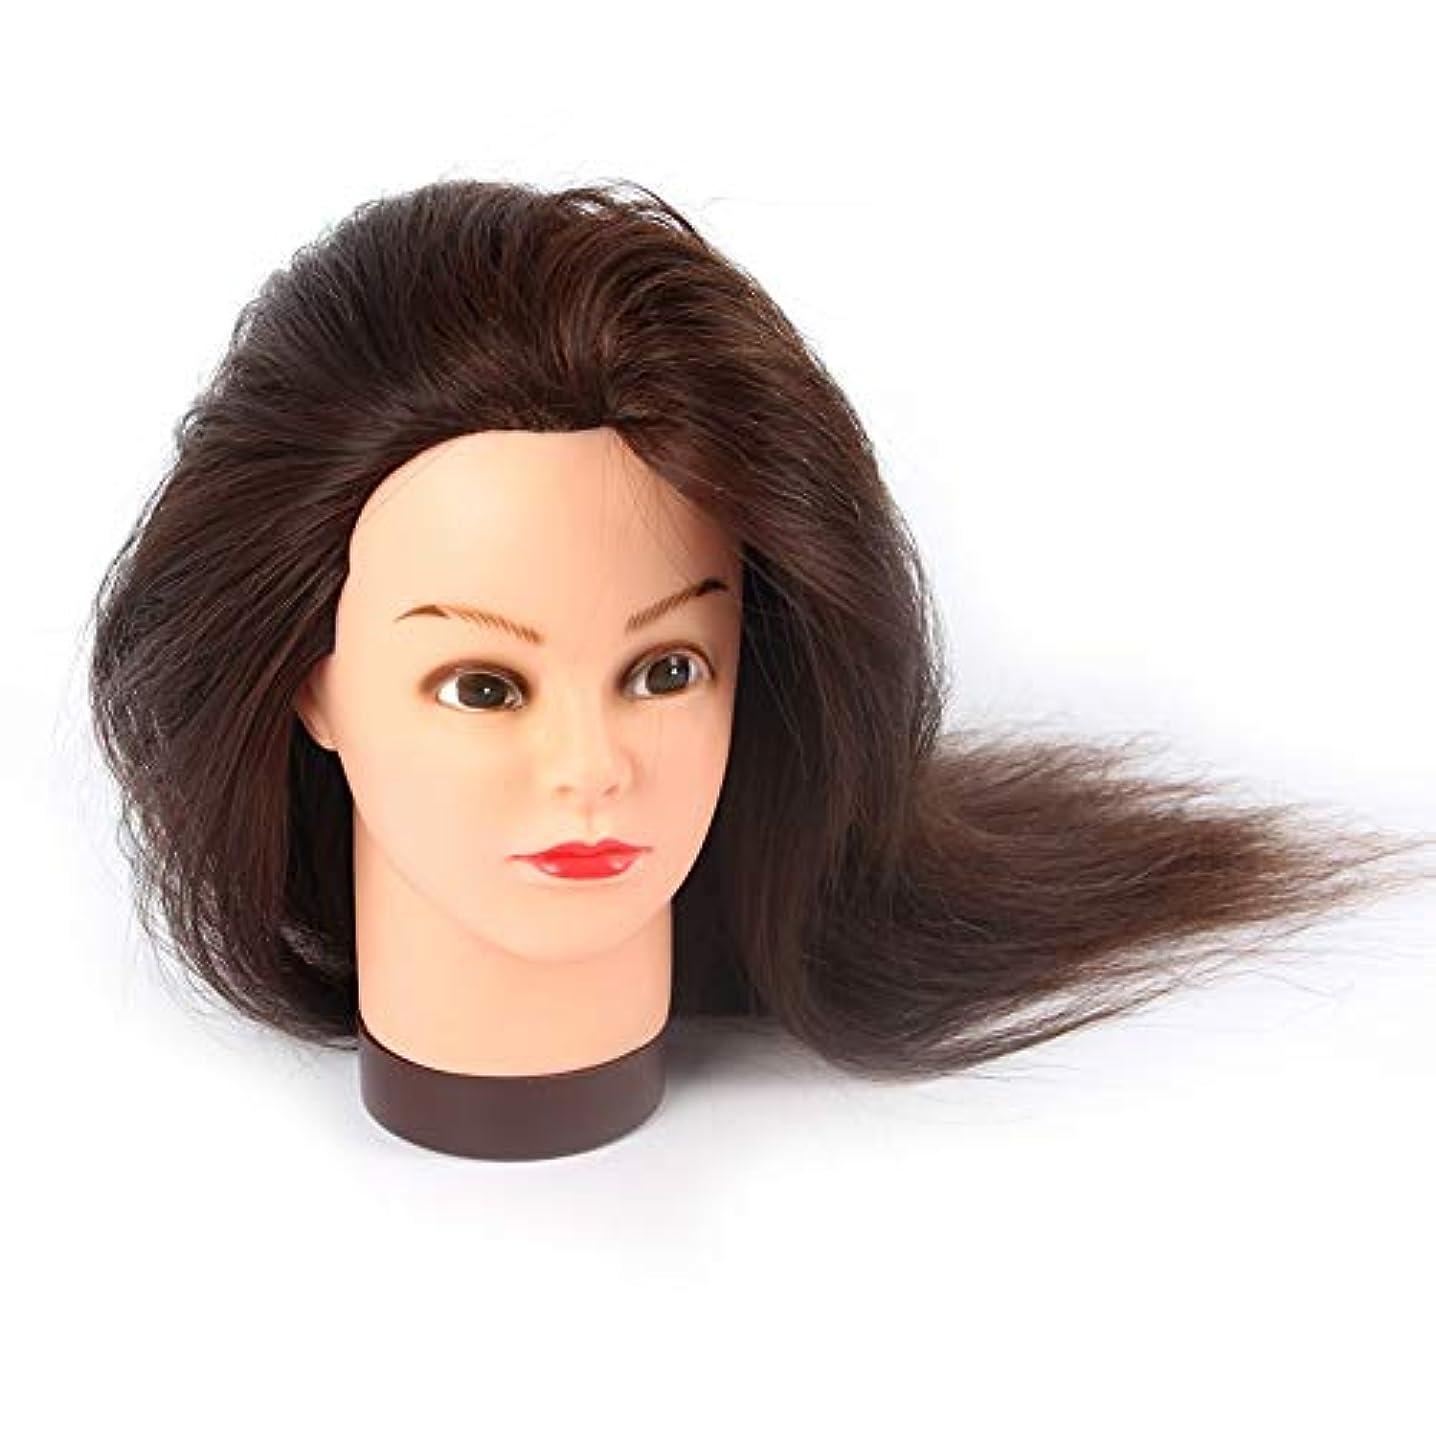 不要フェンス構成する花嫁メイクモデリング教育ヘッド本物の人物ヘアダミーヘッドモデル理髪店学習パーマ髪染めモデルヘッド